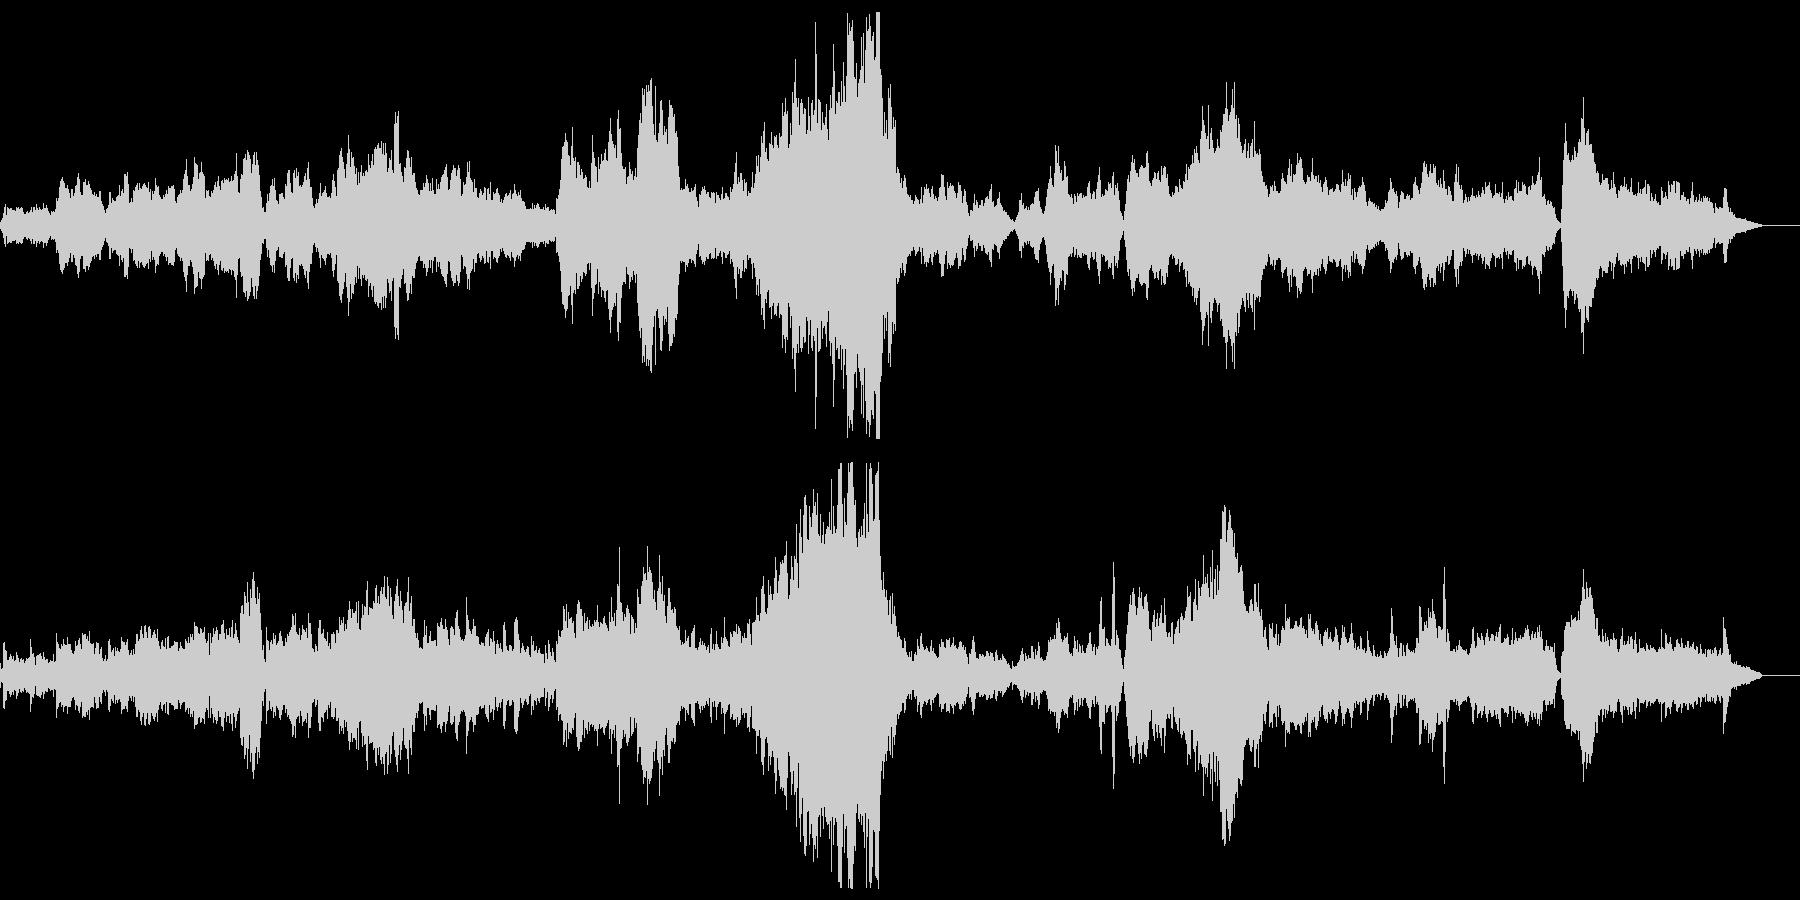 「タイスの瞑想曲」フルオーケストラカバーの未再生の波形